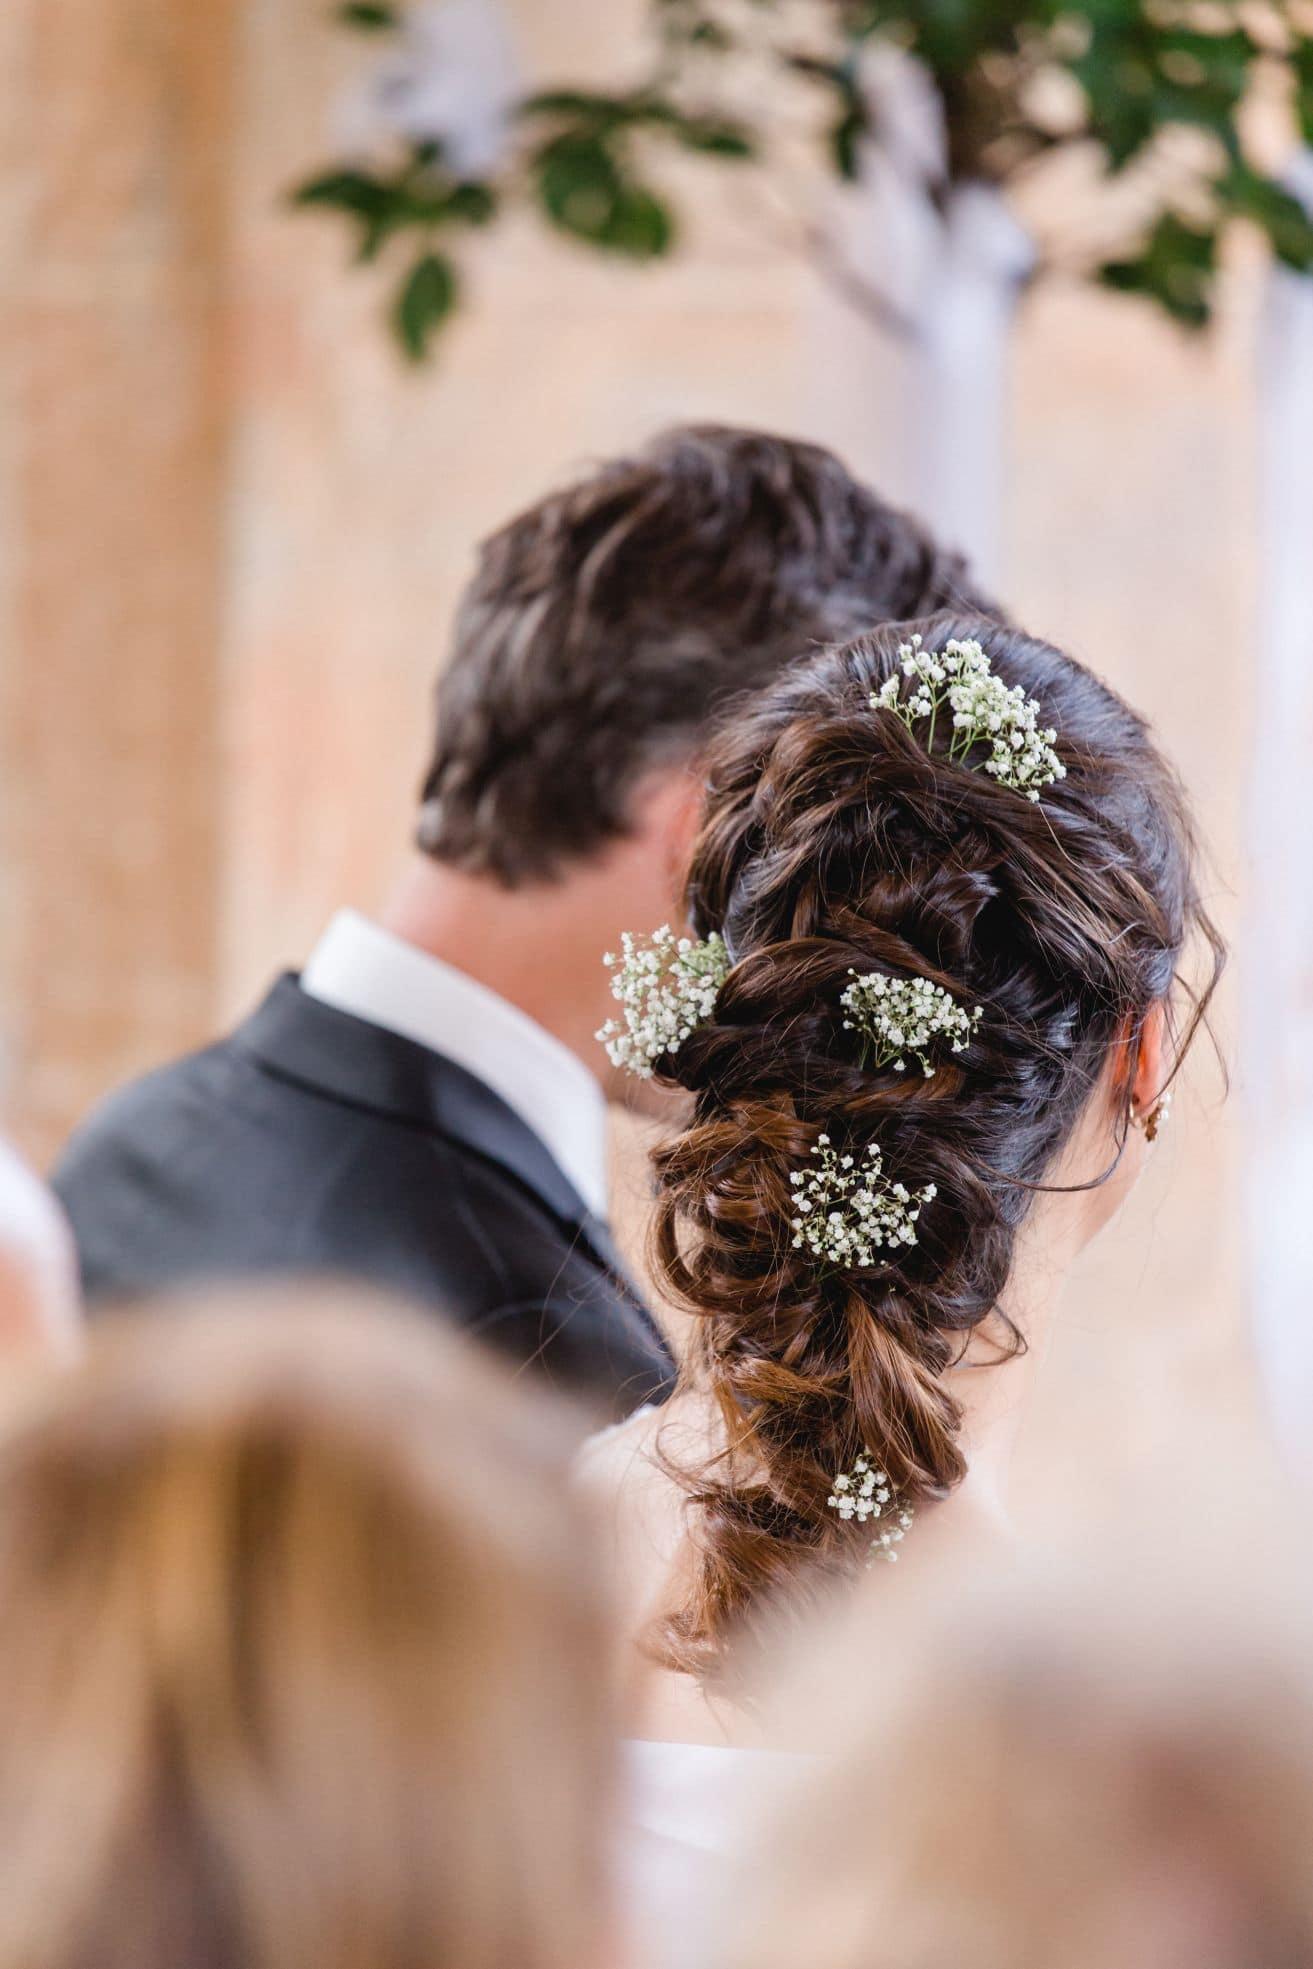 Million Memories_V&F_Hochzeitsfotograf_Schlosshochzeit_Liebenstein_Wedding_Castle_131